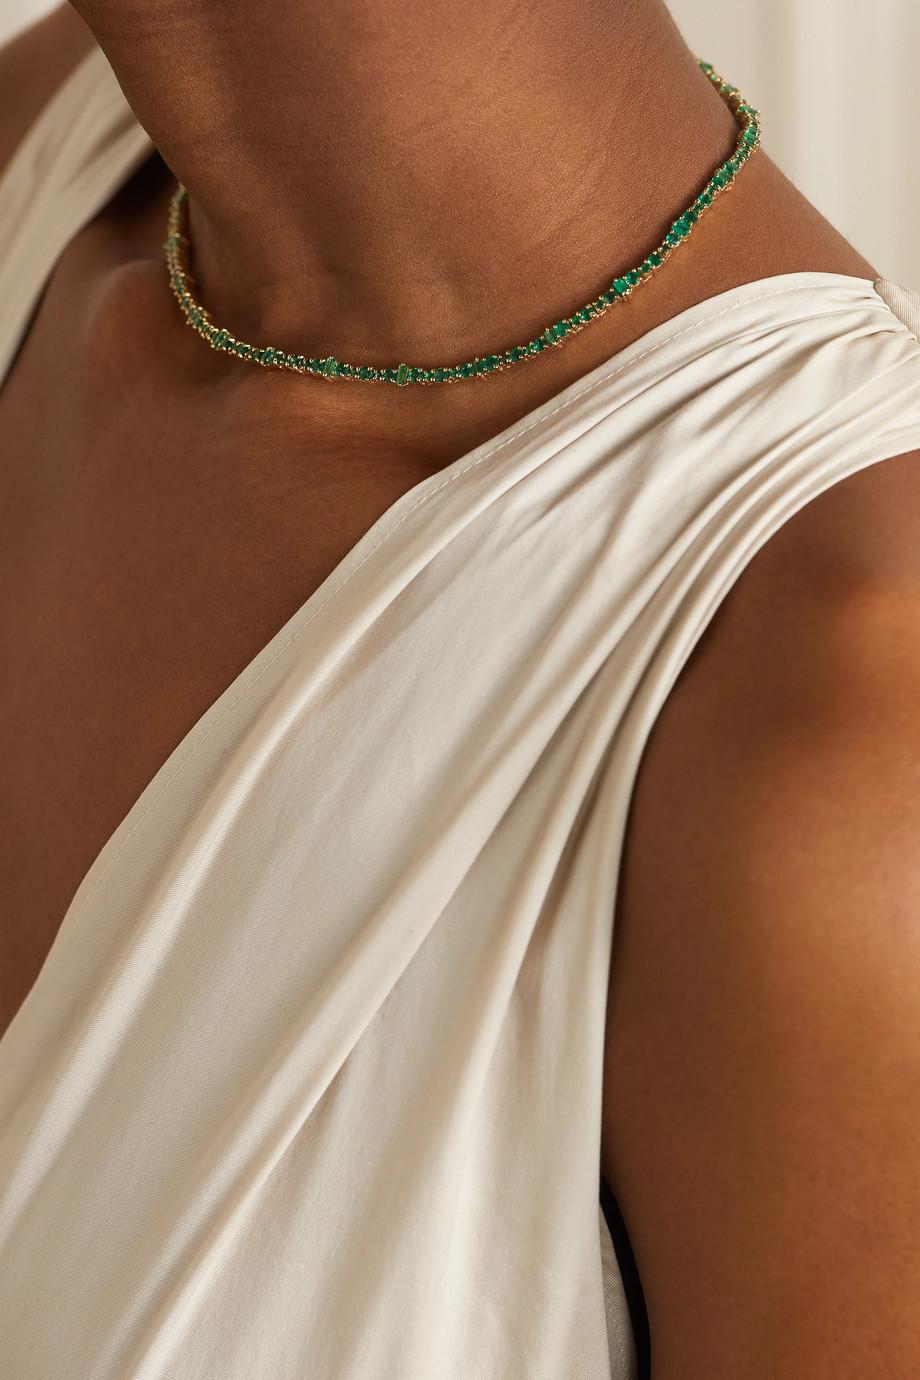 Ileana Makri Collier en or 14 carats et émeraudes